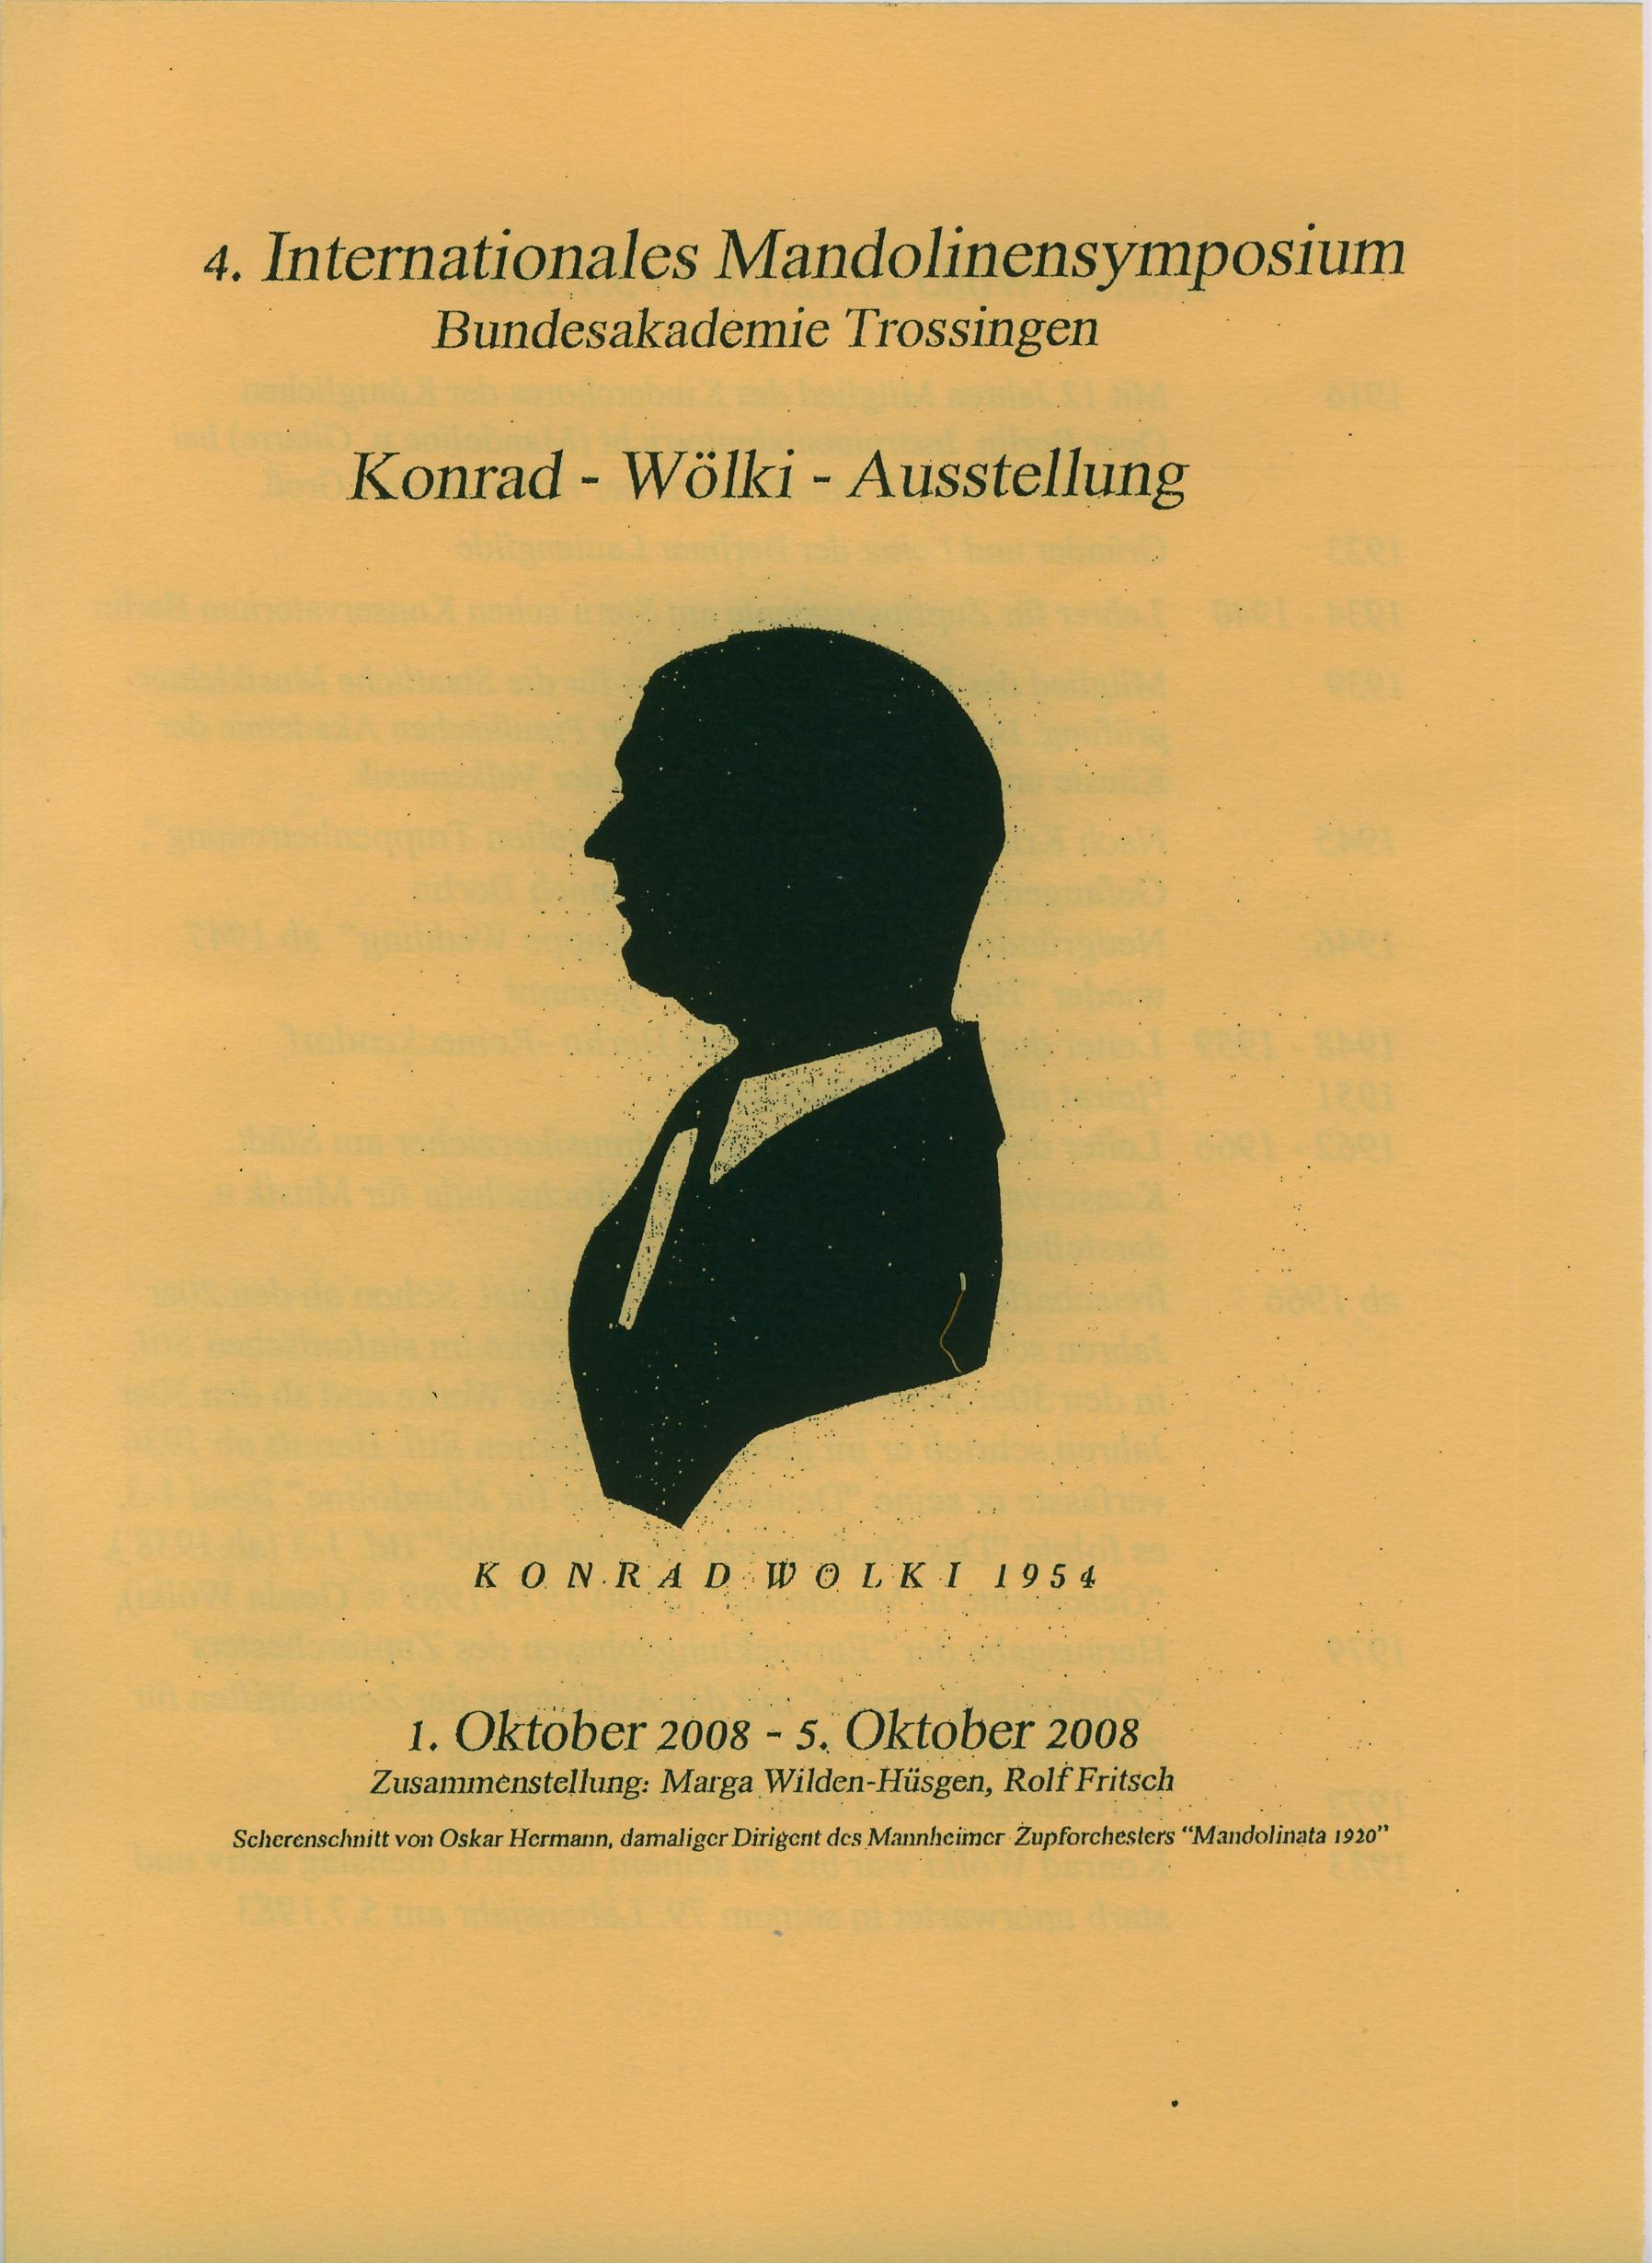 Konrad Woelki Ausstellung - Mandolinensymposium 2008